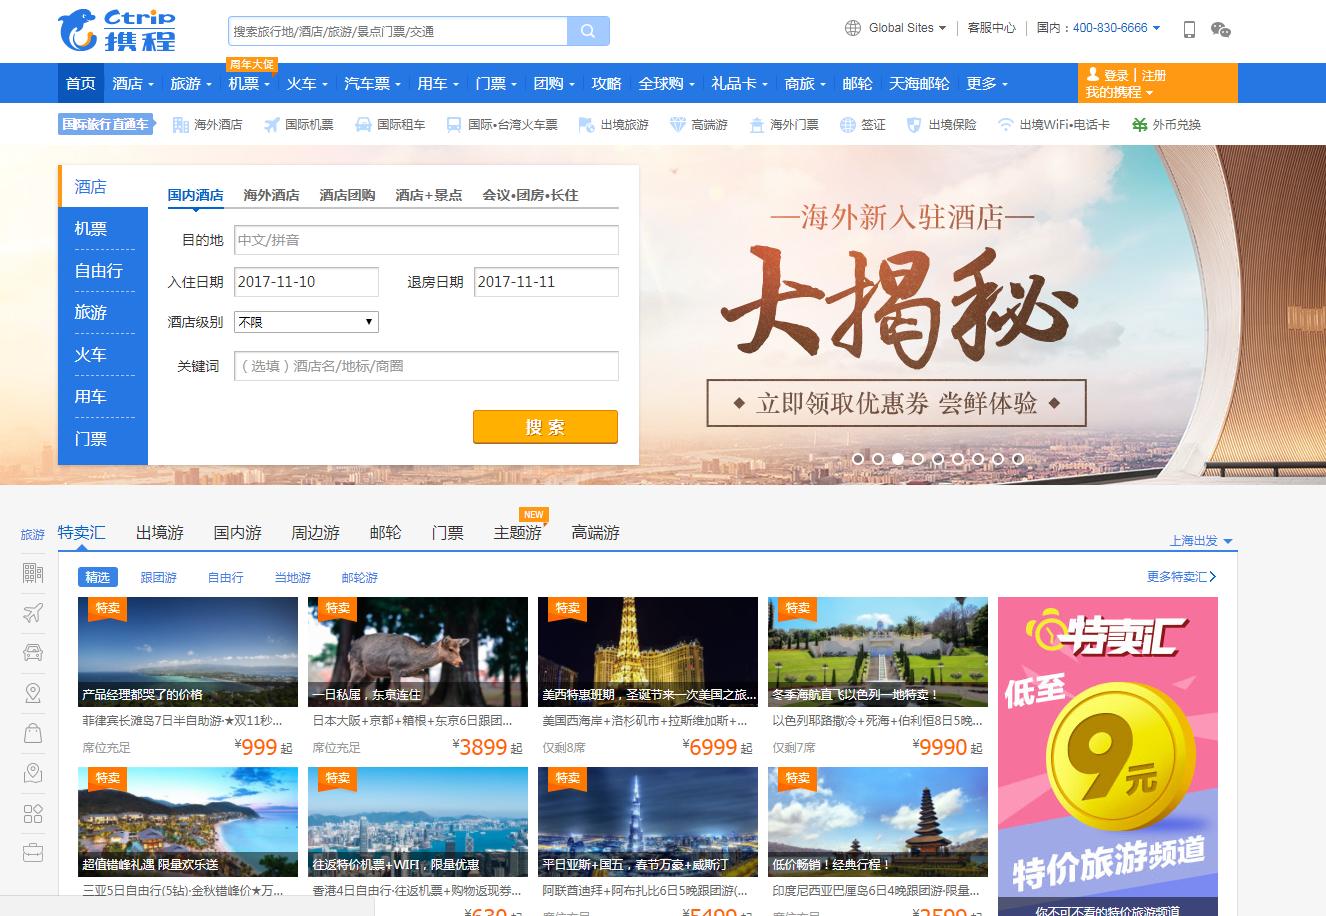 ctrip เว็บไซต์นำเที่ยวของคนจีน